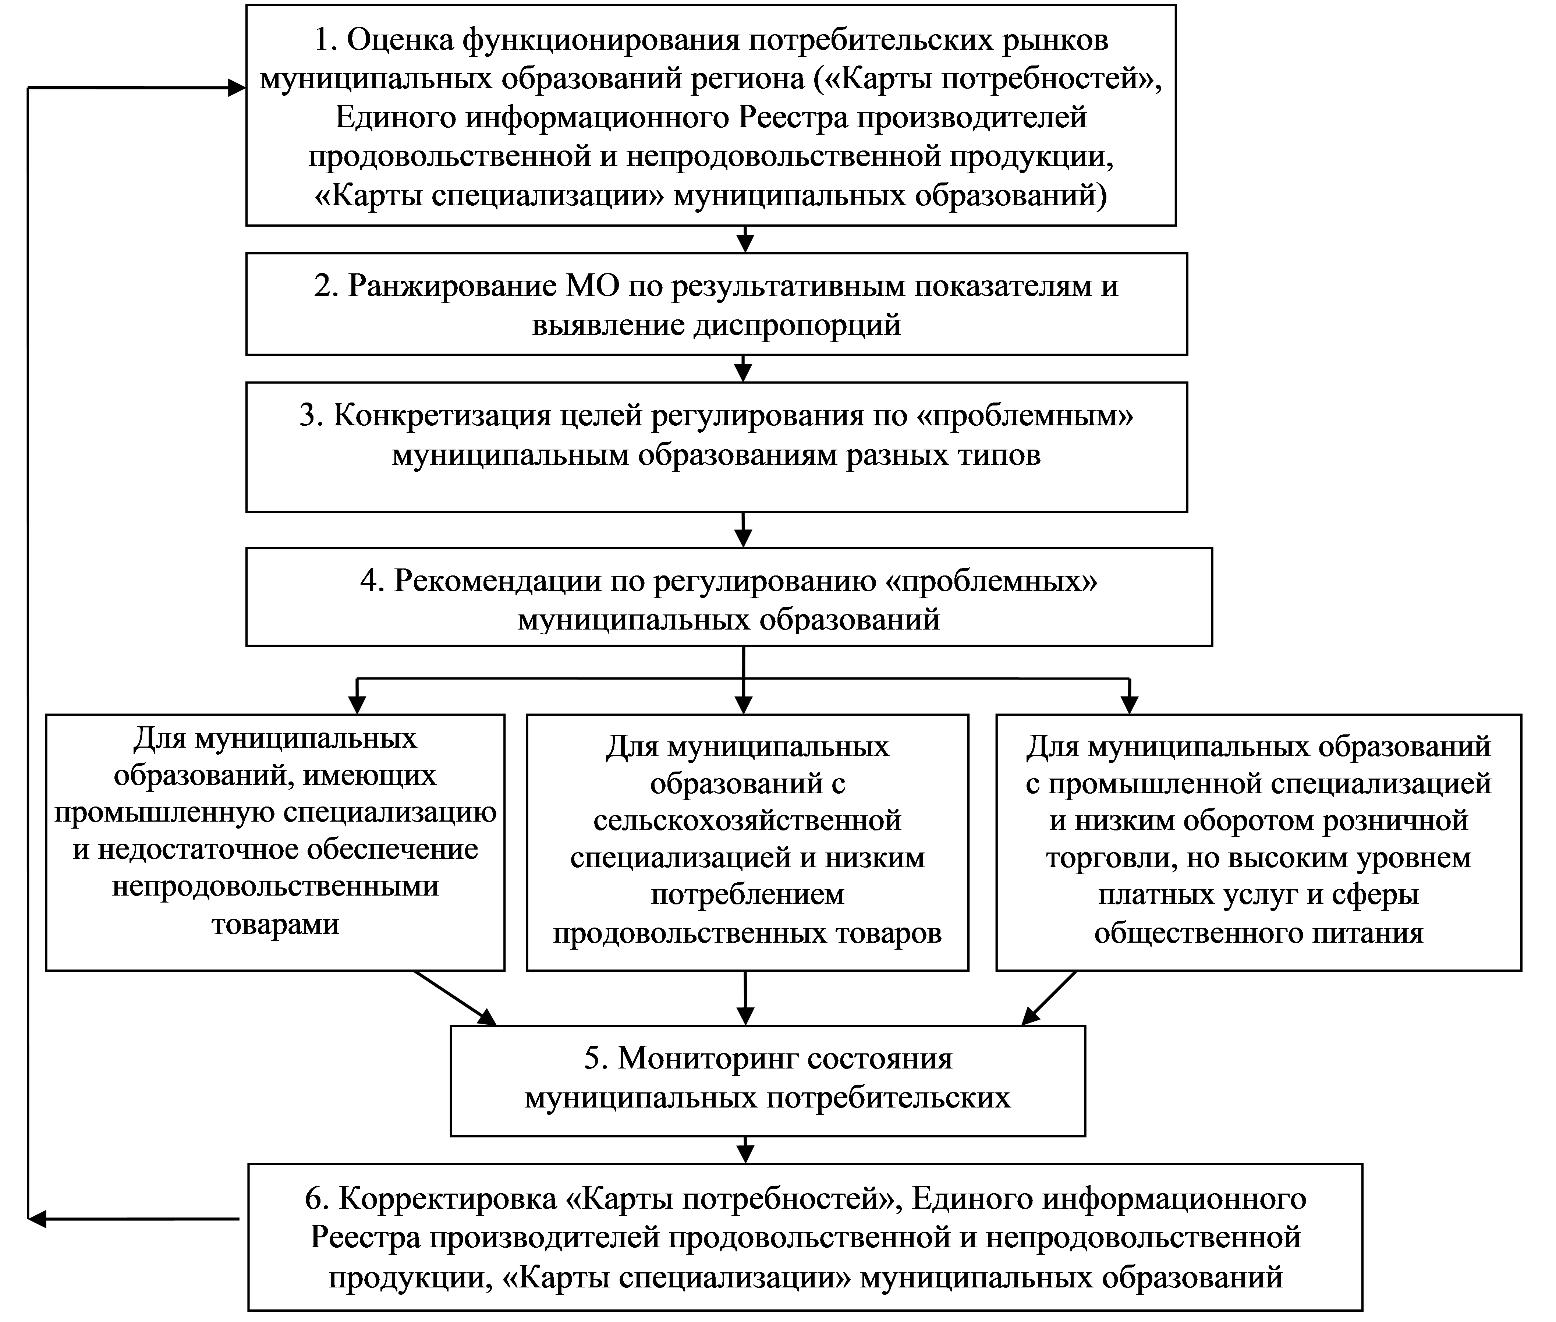 Регулирование муниципальных потребительских рынков Челябинской области на основе алгоритма